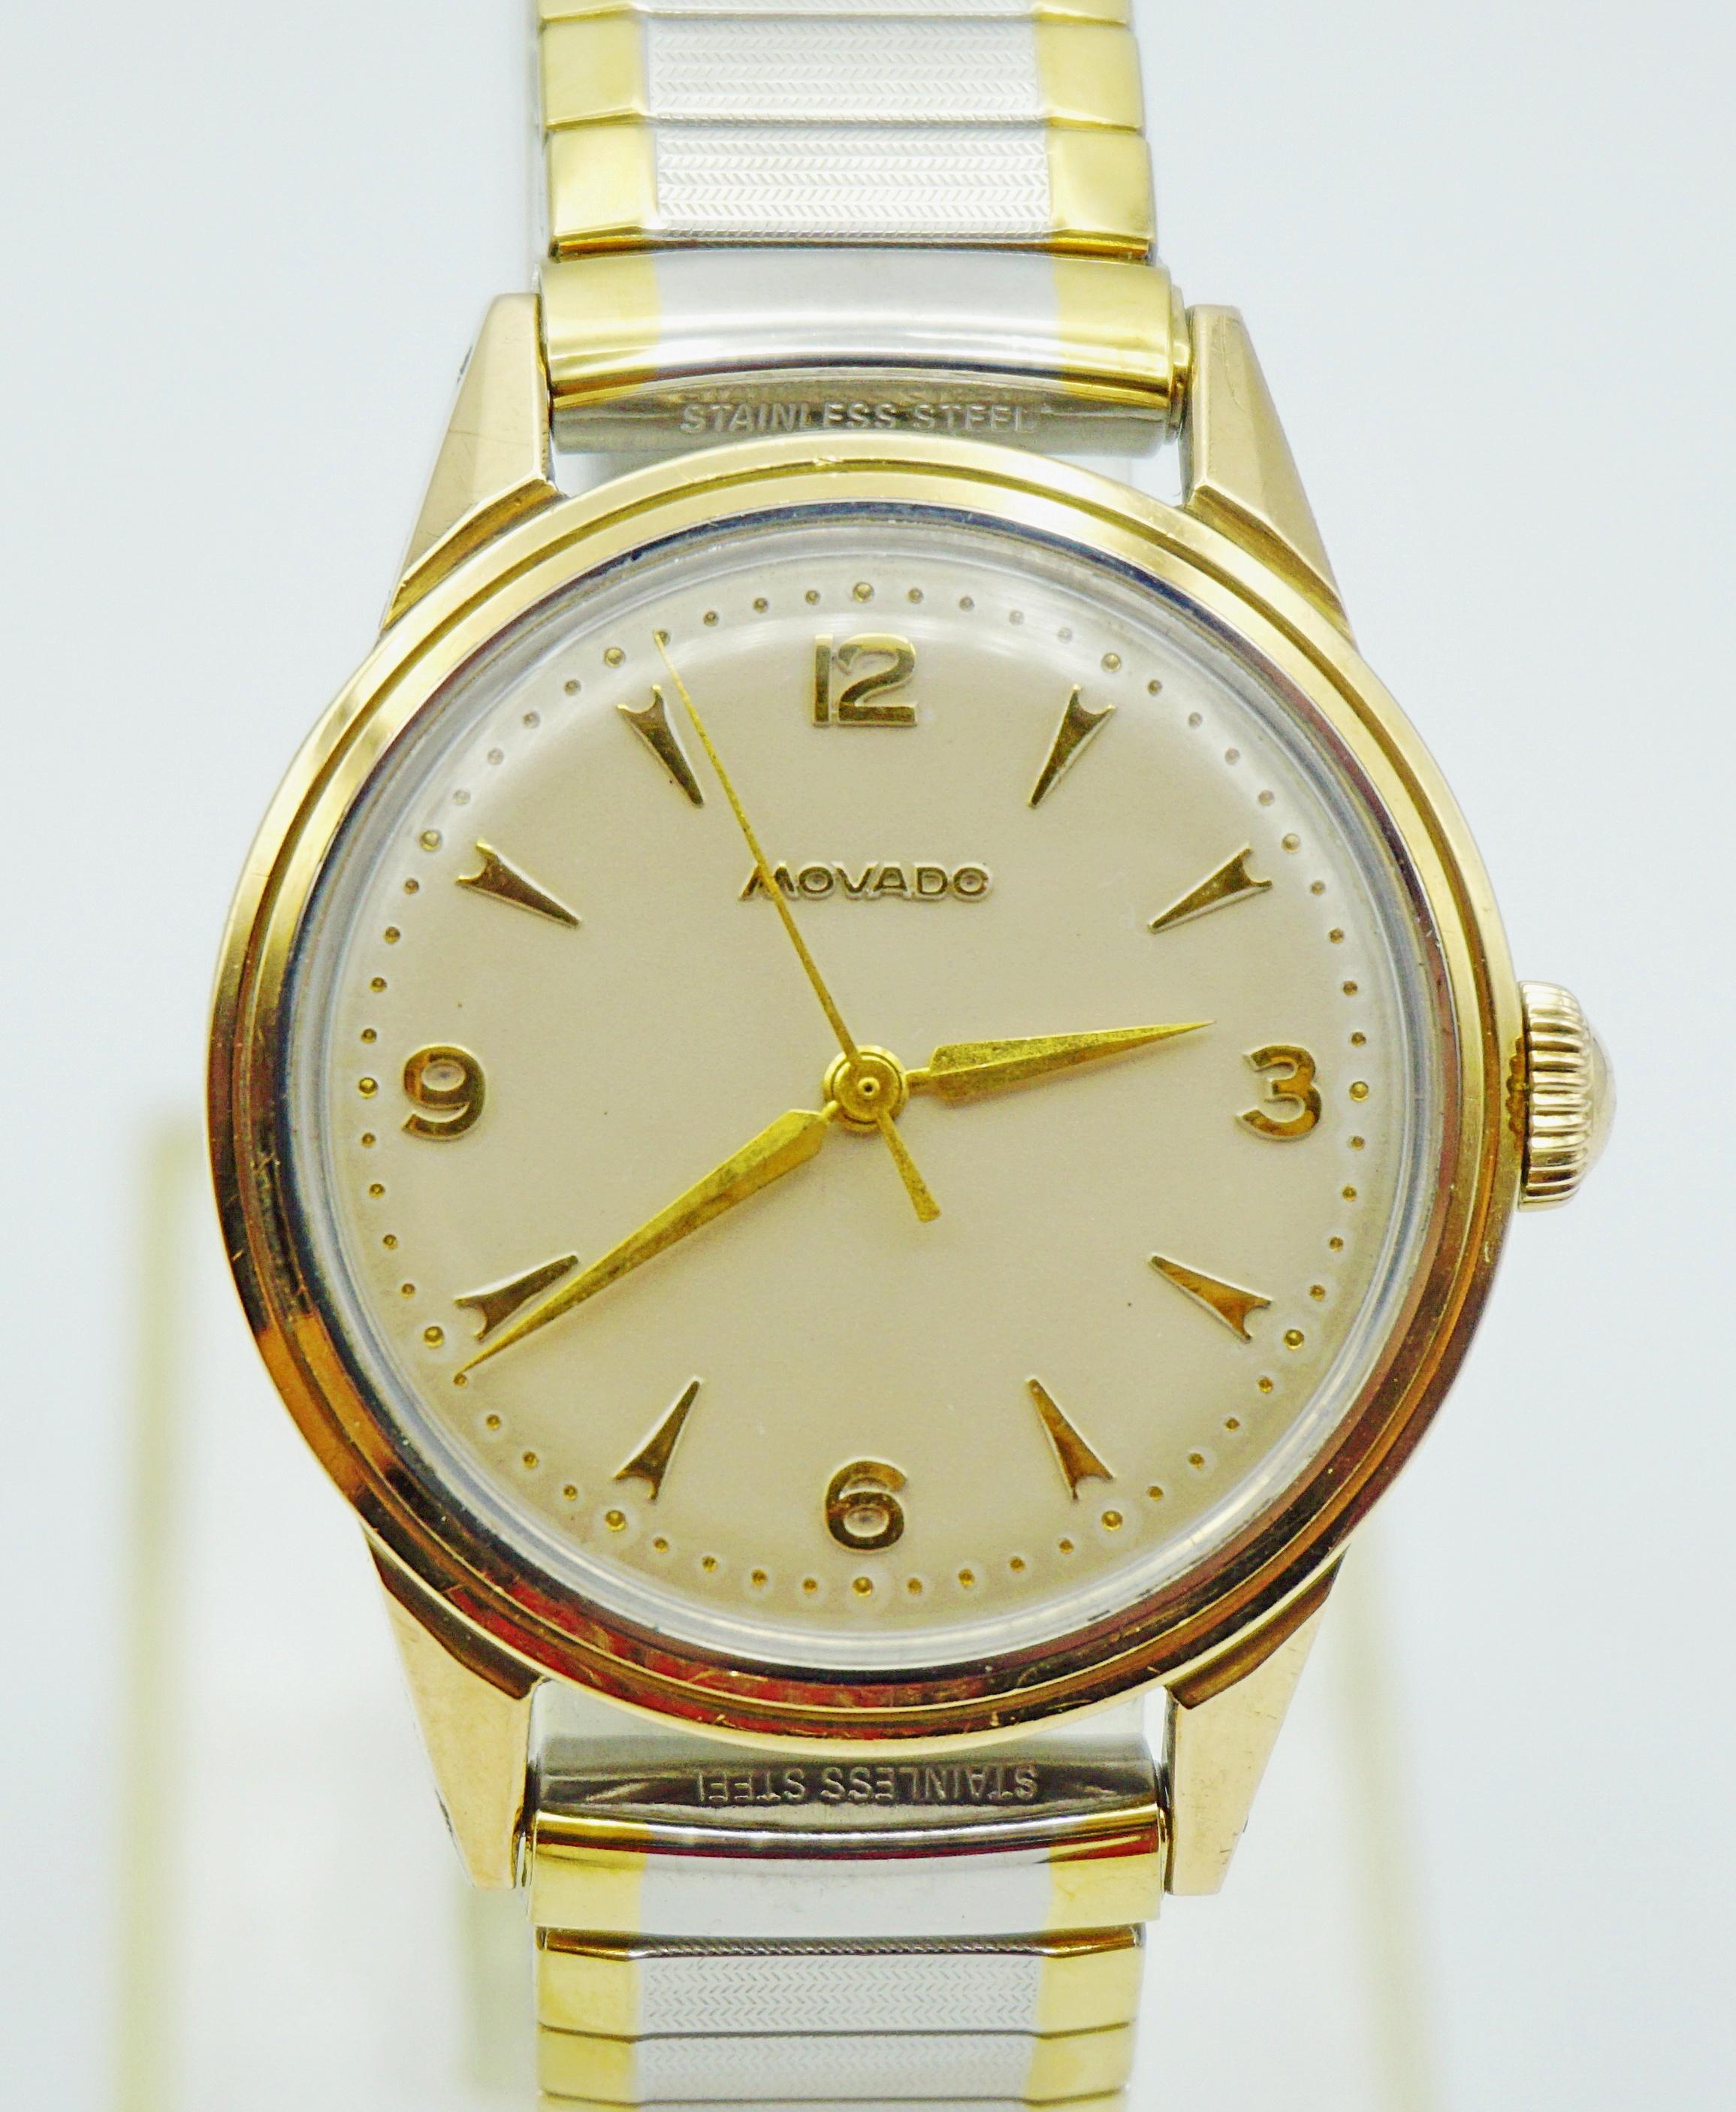 นาฬิกาเก่า MOVADO ออโตเมติกครึ่งรอบ